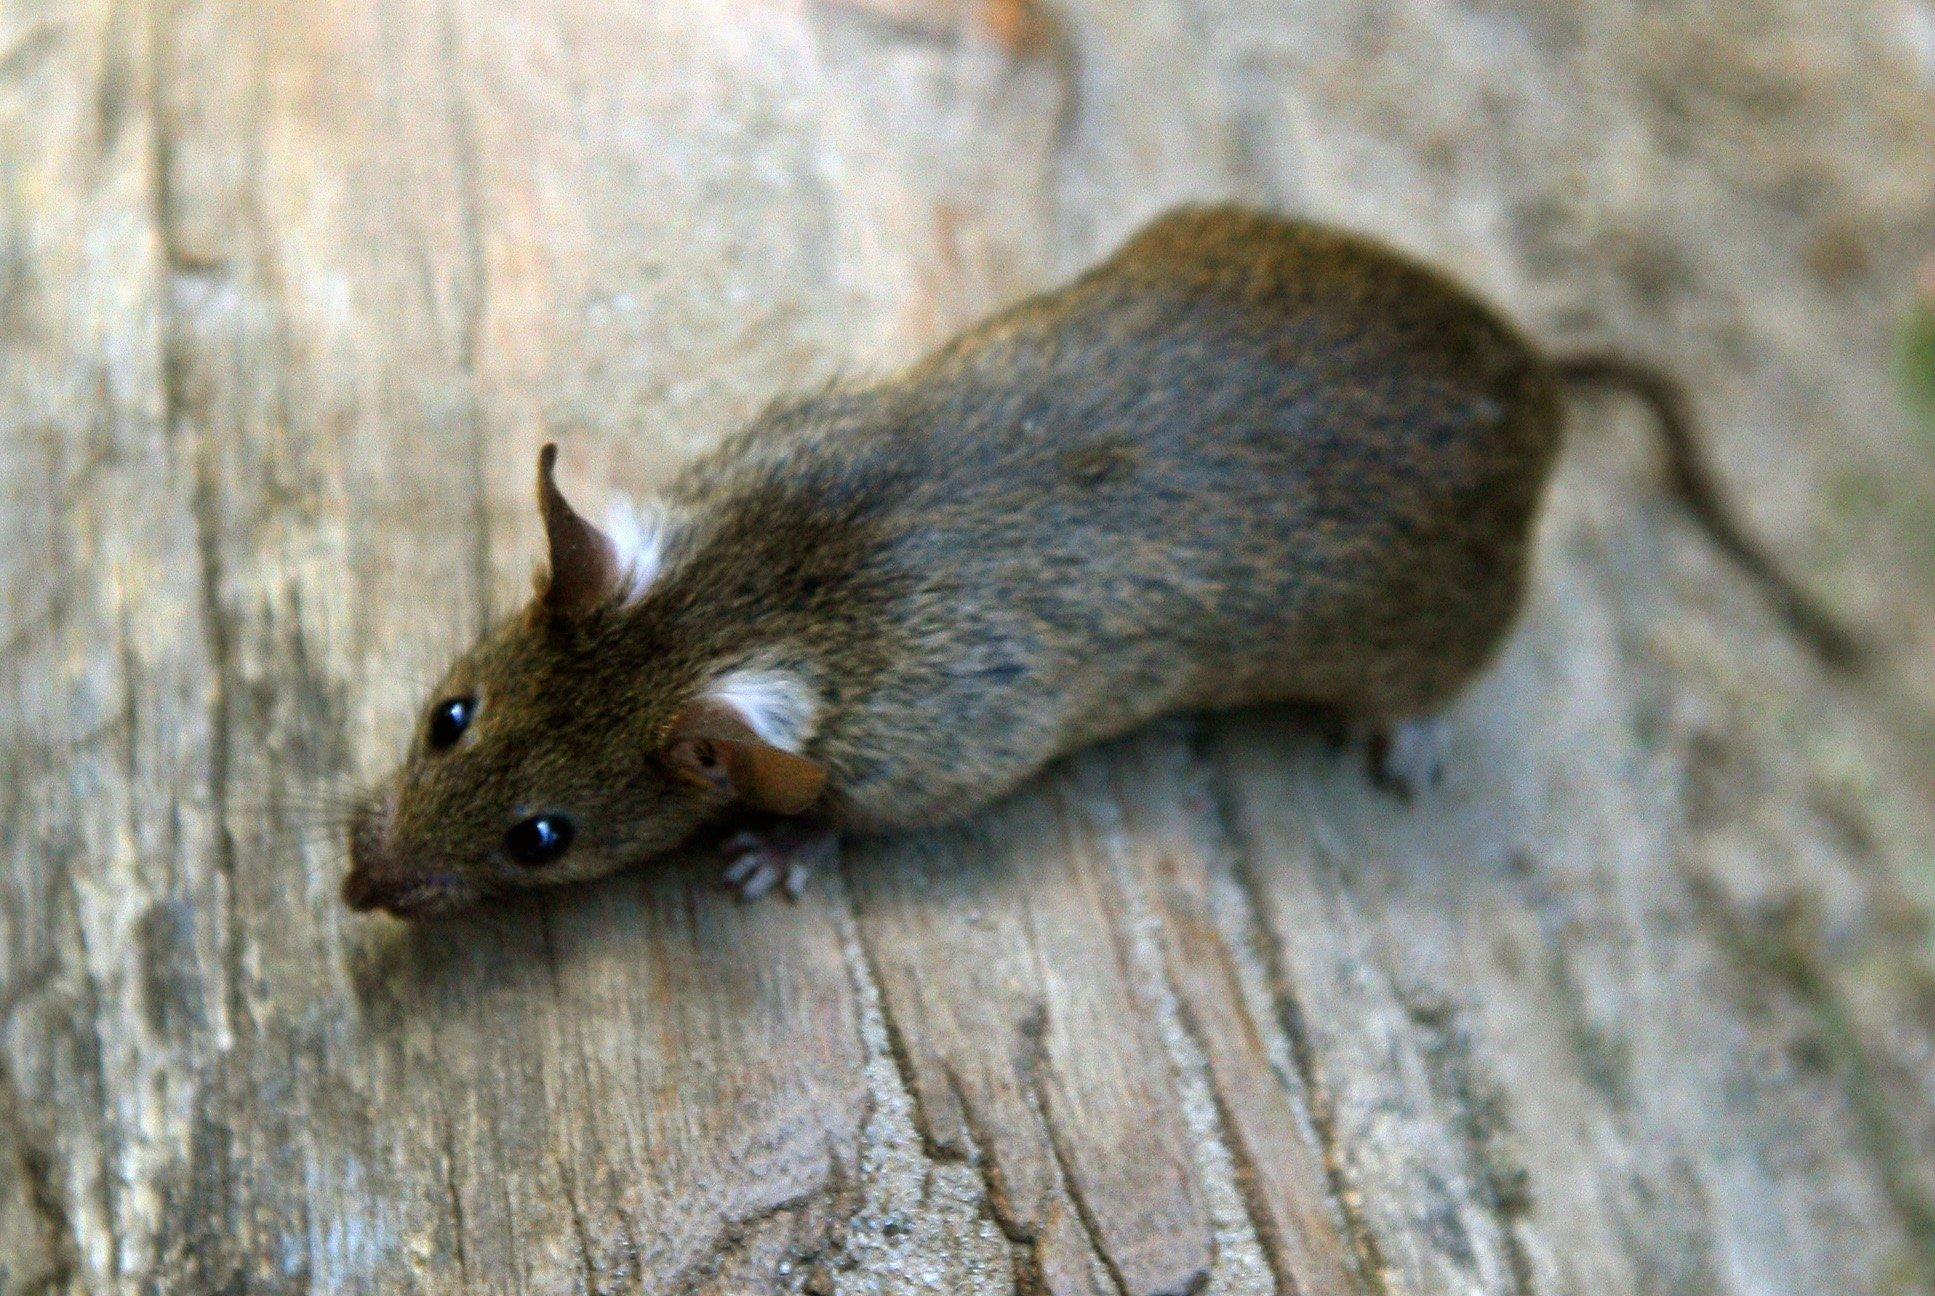 Ratte: In den USA wurden an 2500 Ratten die Auswirkungen von Mobilfunkstrahlen getestet. Zwei Jahre lang wurden sie bis zu neun Stunden täglich mit Radiowellen der mobilfunktypischen Frequenzen 900 und 1900 Megahertz bestrahlt.